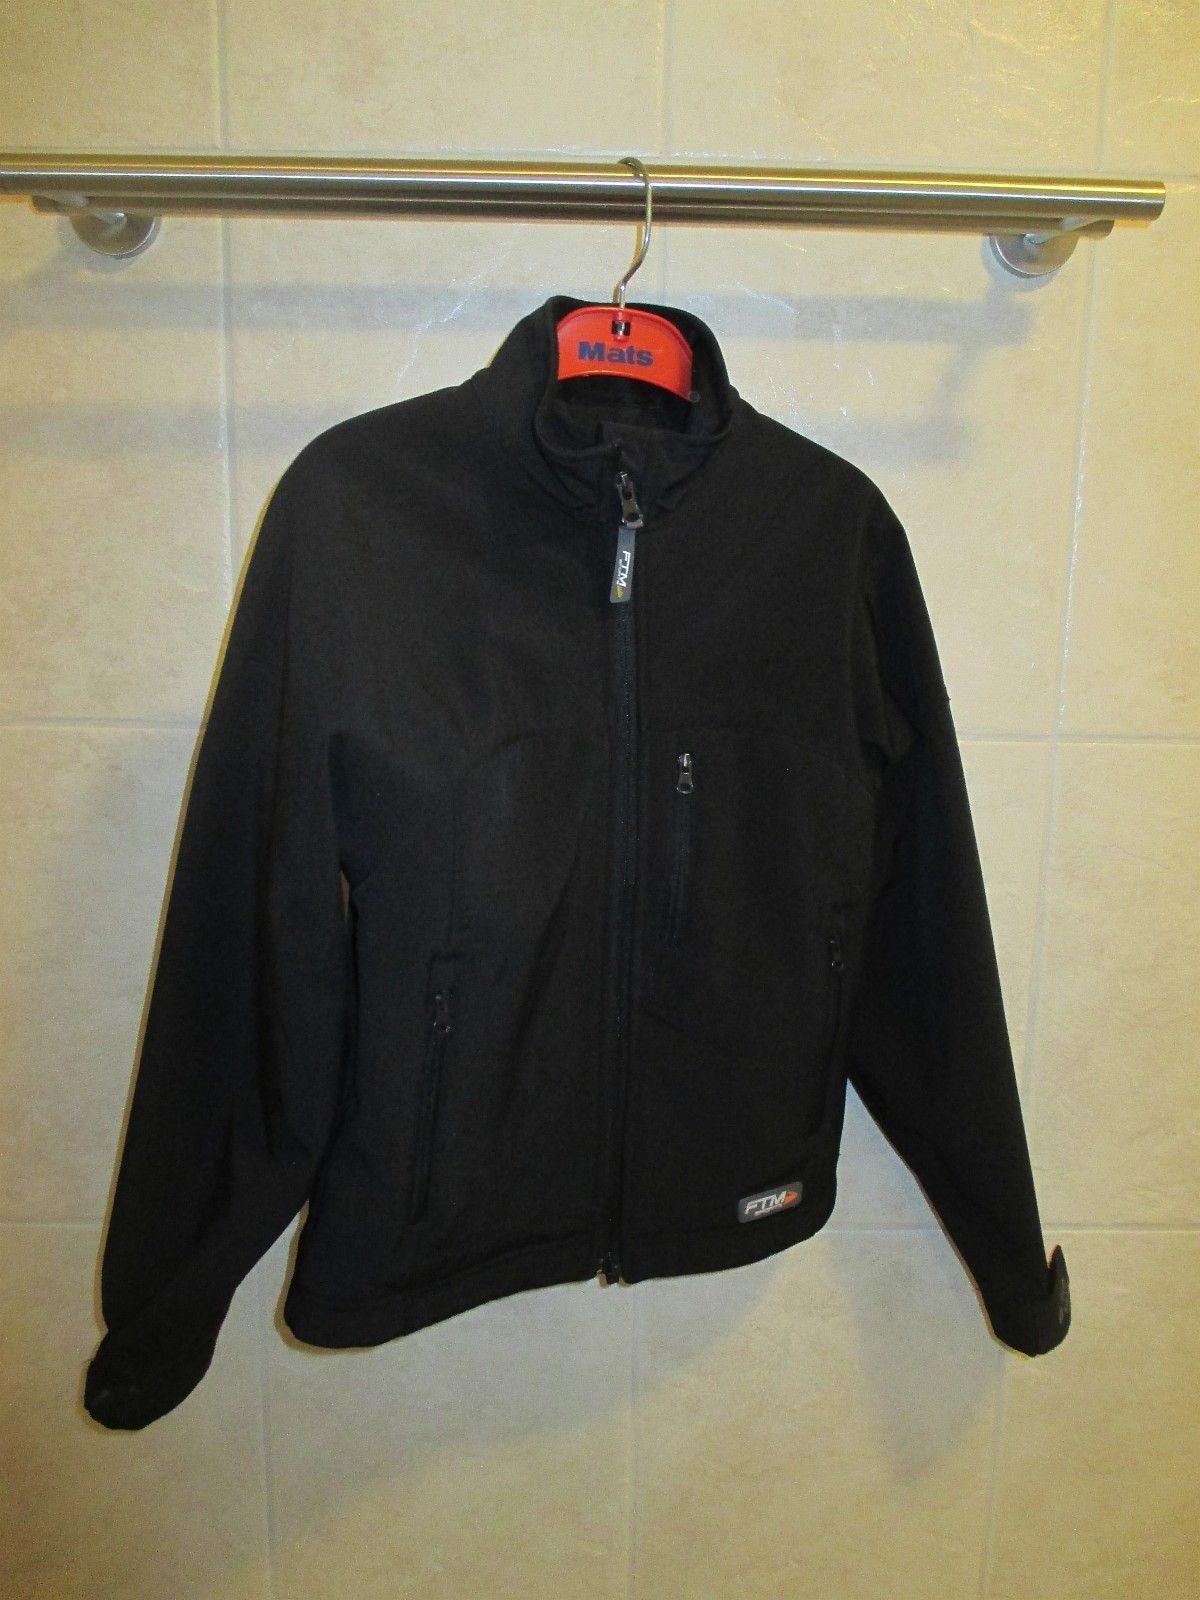 a01e715e 1: Soft shell jakke FTM-sports str. 6, regulerbar livvidde nederst i kanten  og rundt håndledd m/borrelås. Selges for 50,- (1/4)